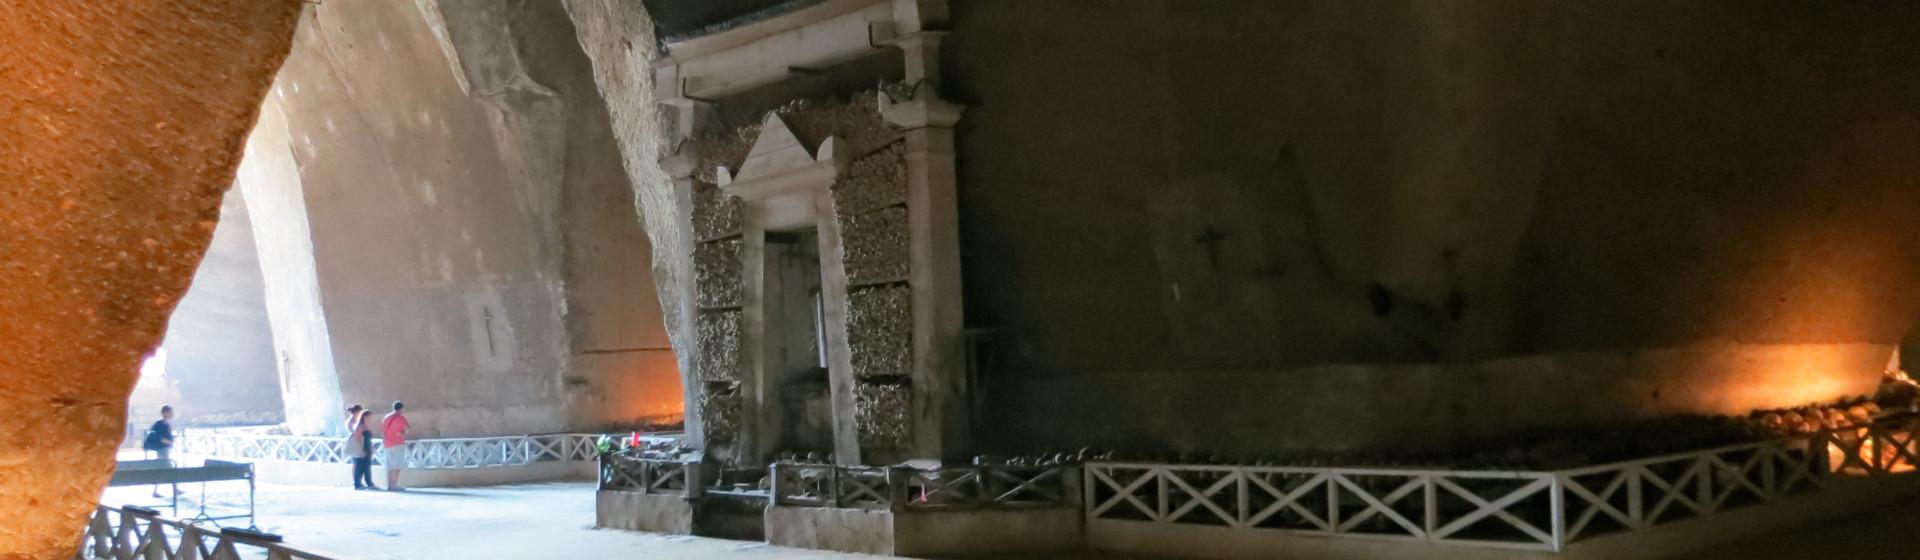 Cimitero delle Fontanelle : oltre il folclore e il popolare... una ricerca in corso